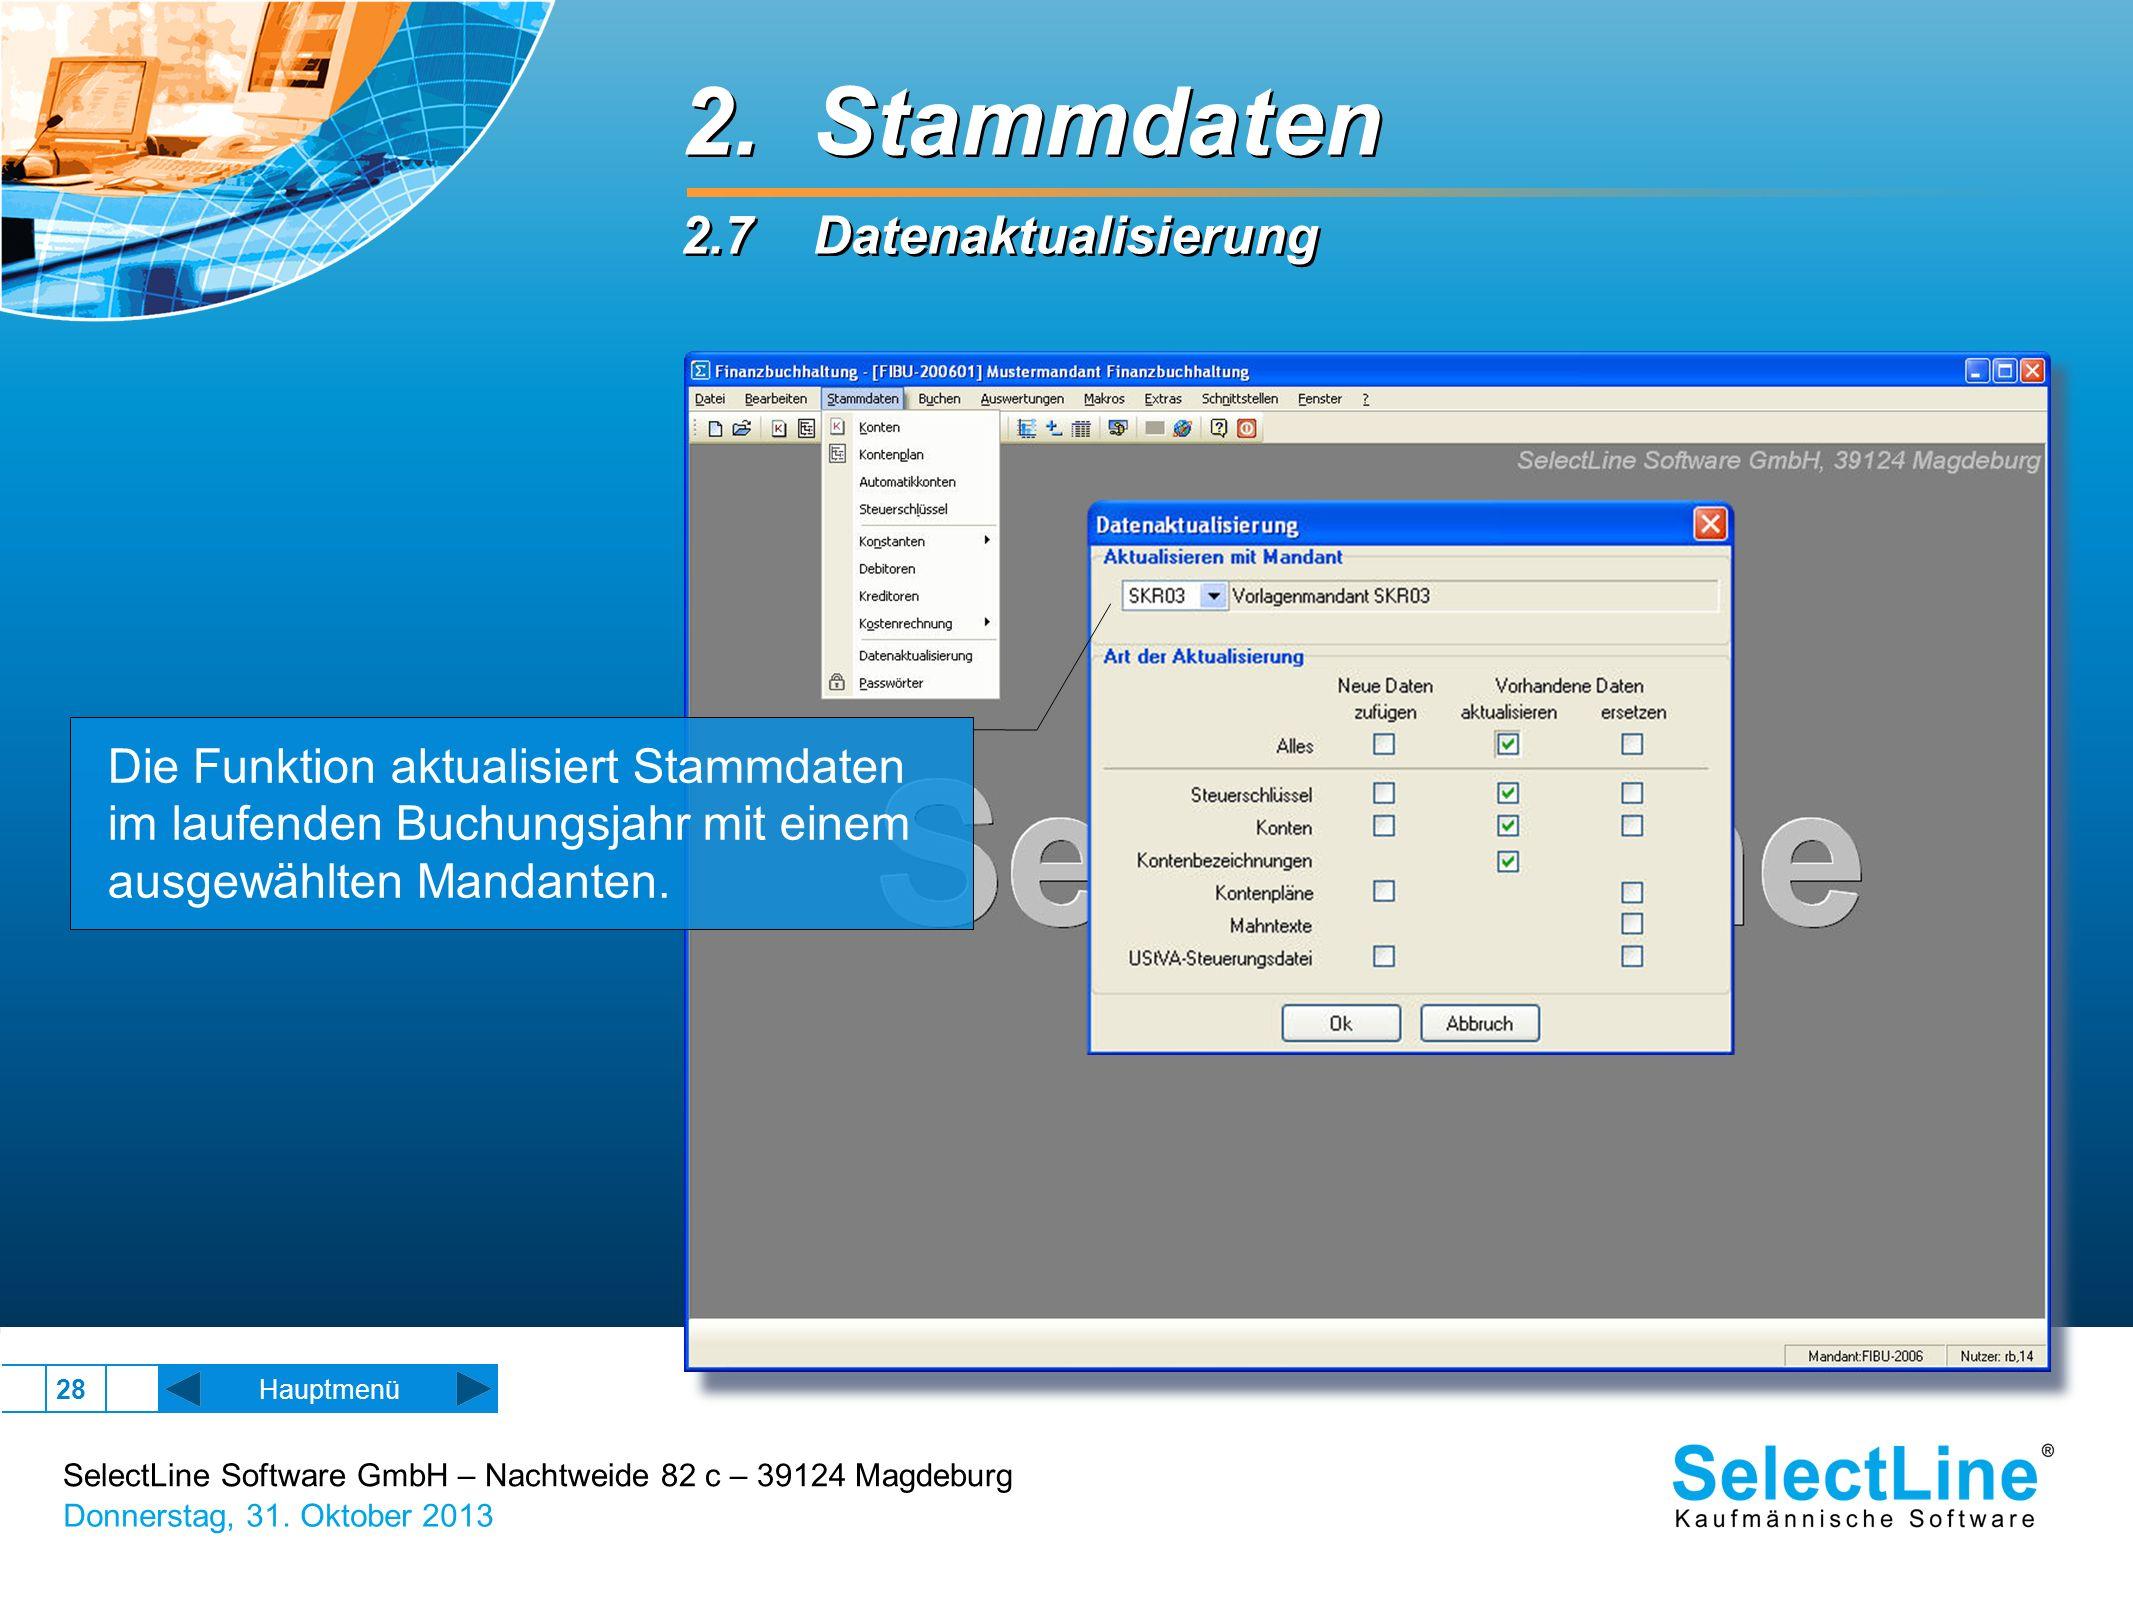 SelectLine Software GmbH – Nachtweide 82 c – 39124 Magdeburg Donnerstag, 31. Oktober 2013 28 Hauptmenü 2. Stammdaten 2.7 Datenaktualisierung 2. Stammd